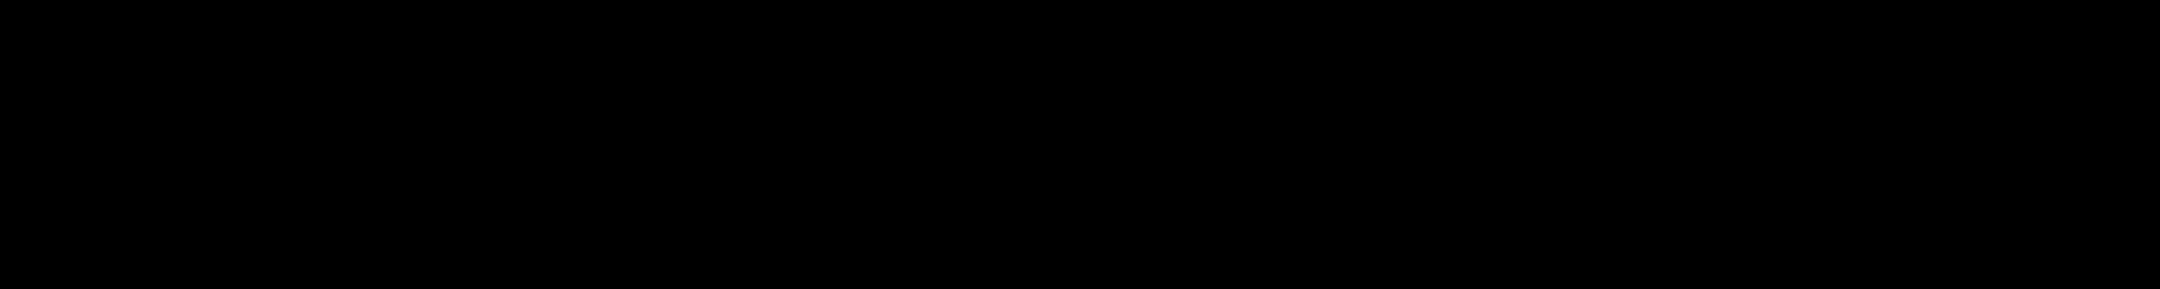 calvin klein logo 1 - Calvin Klein Logo